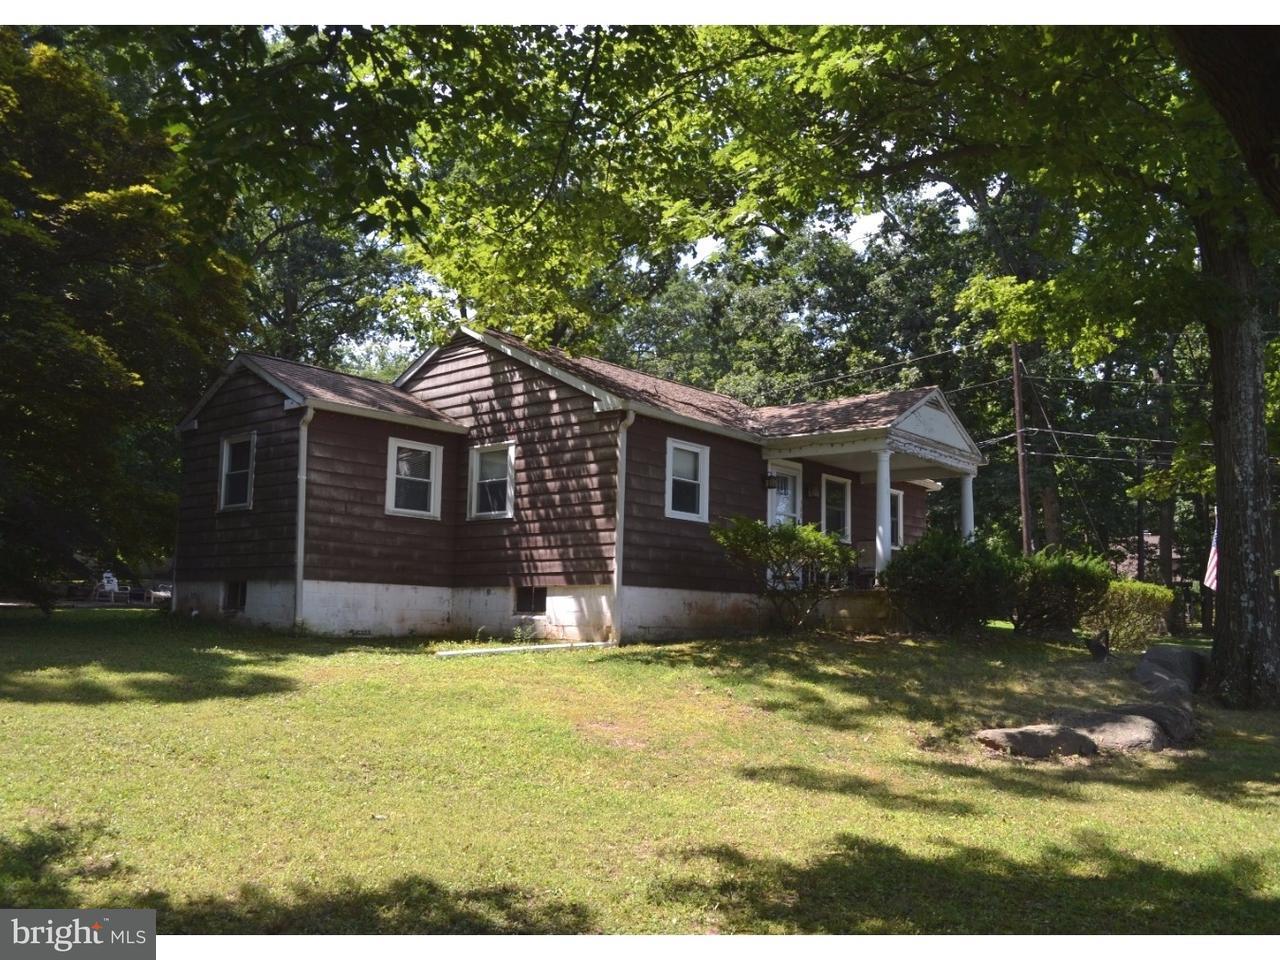 Частный односемейный дом для того Продажа на 388 NEWTOWN RICHBORO Road Richboro, Пенсильвания 18954 Соединенные Штаты